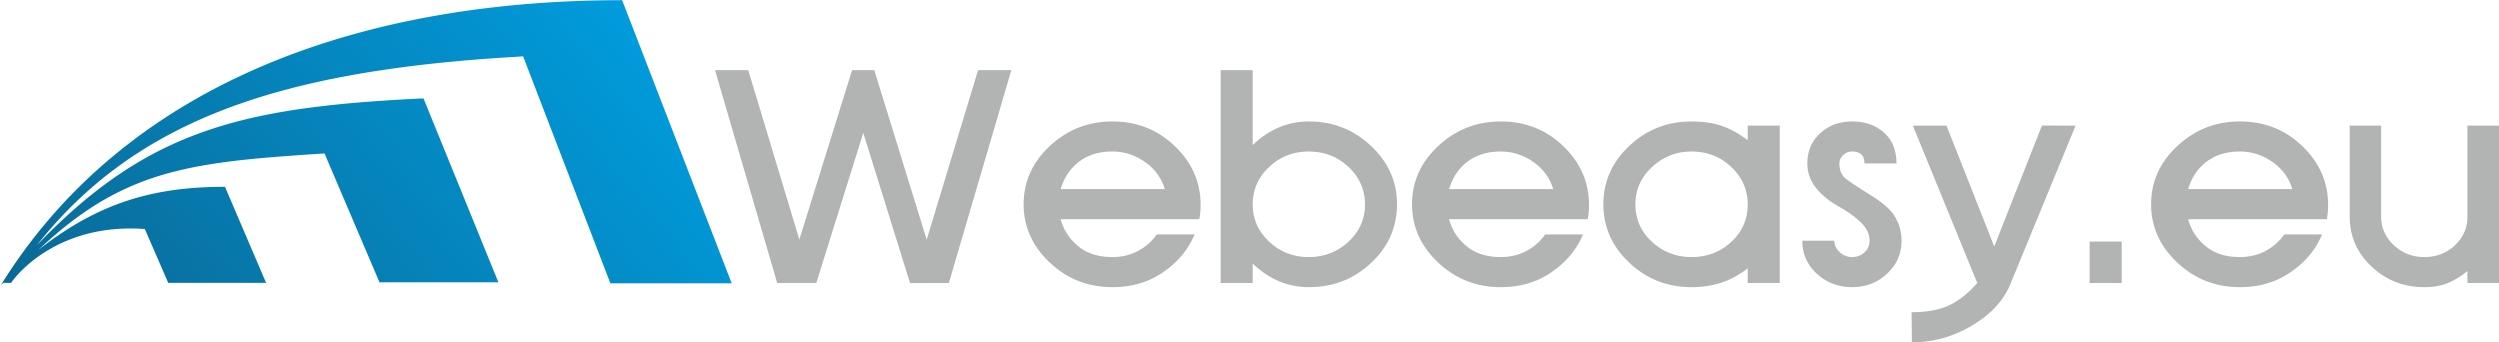 WebEasy.eu – Κατασκευή Ιστοσελίδων